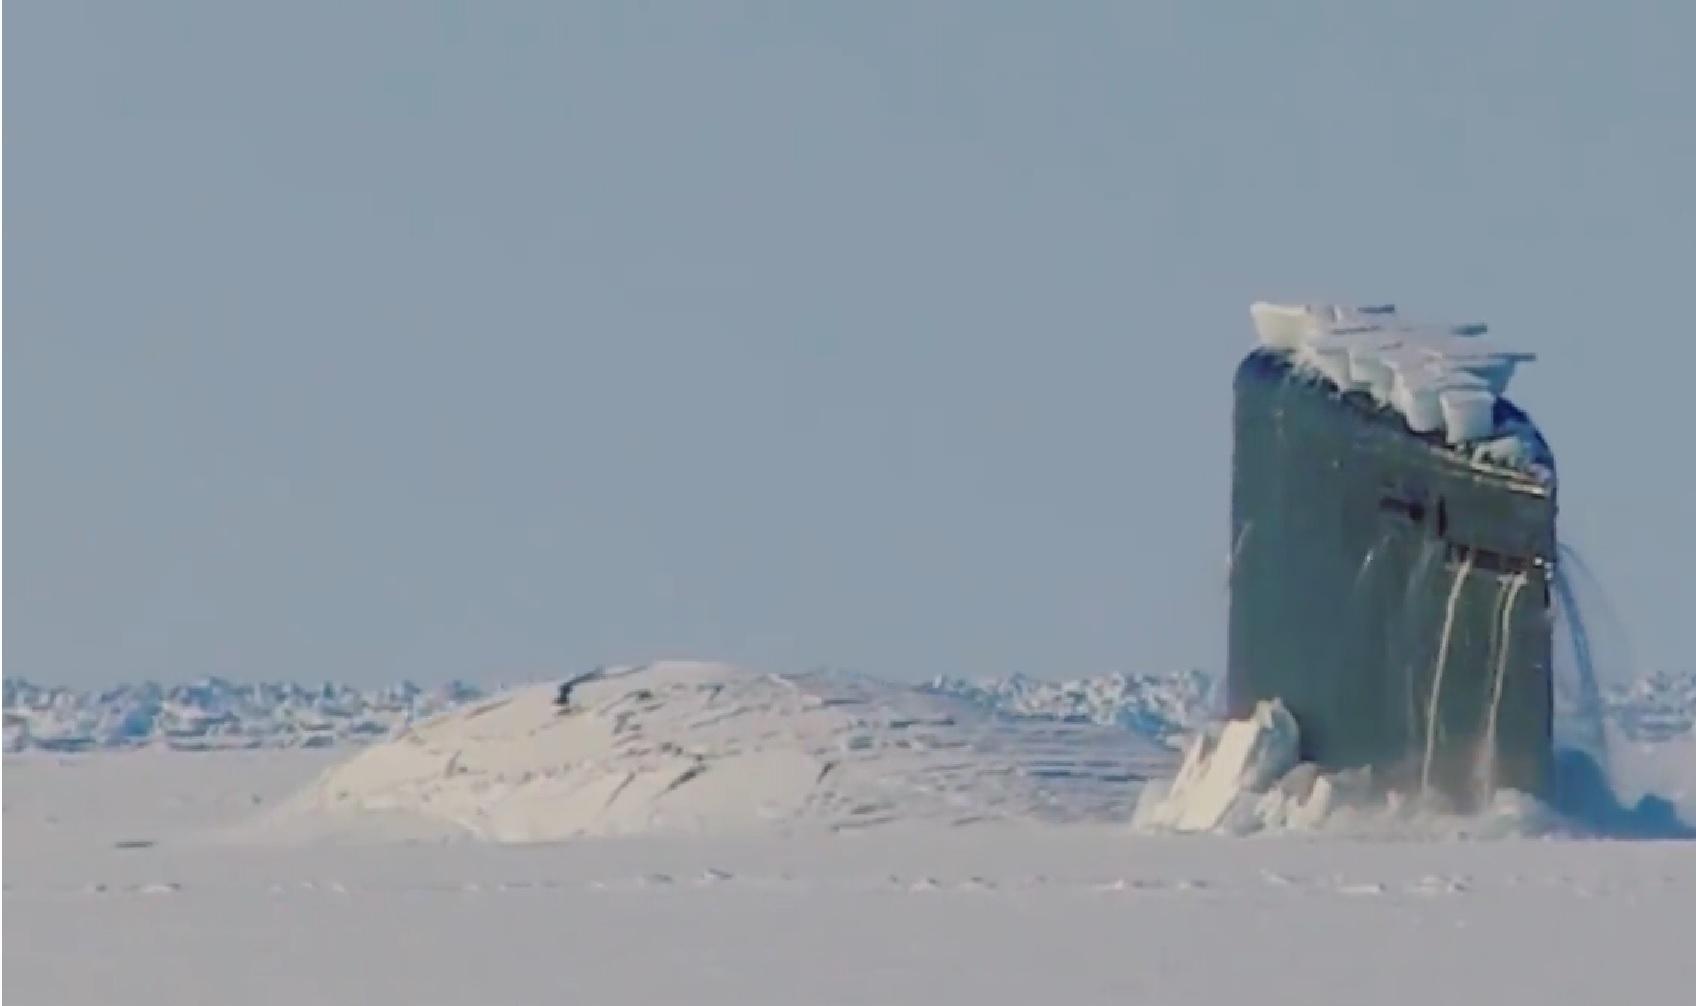 Вweb-сети появилось видео, как североамериканская подлодка пробила лед вАрктике